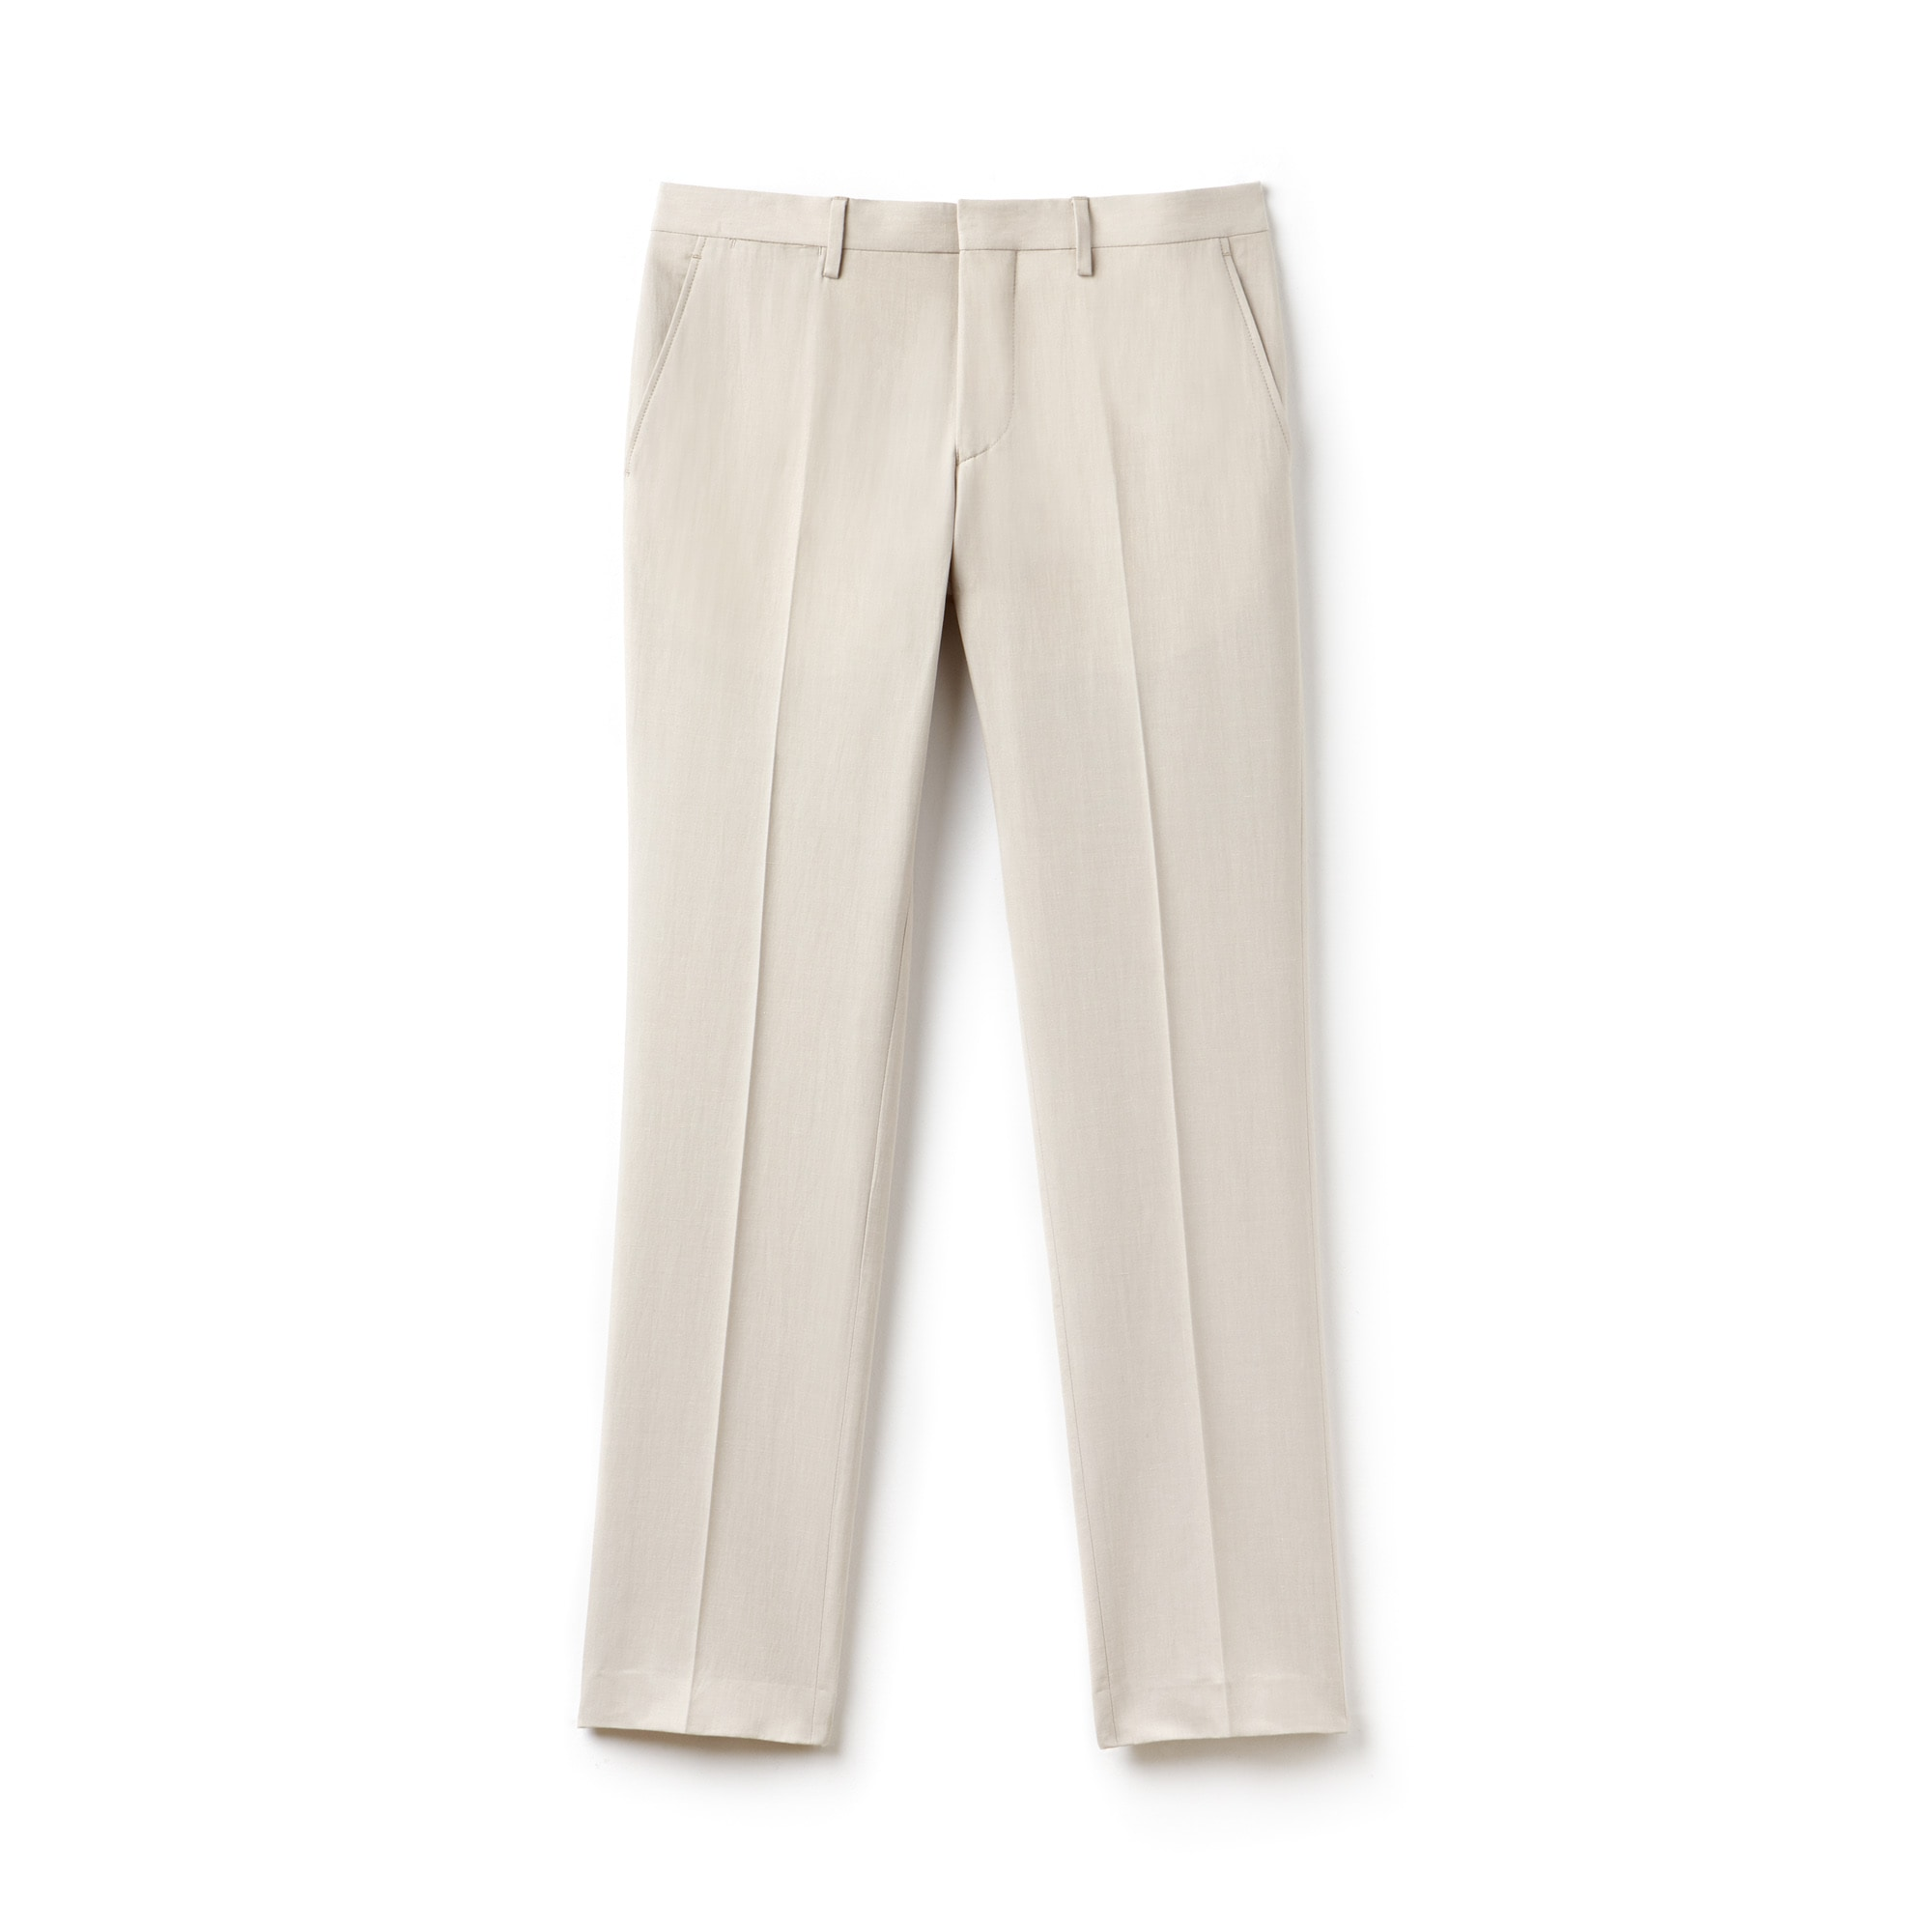 Calças chino com pinças slim fit em tela espessa de algodão e linho unicolor